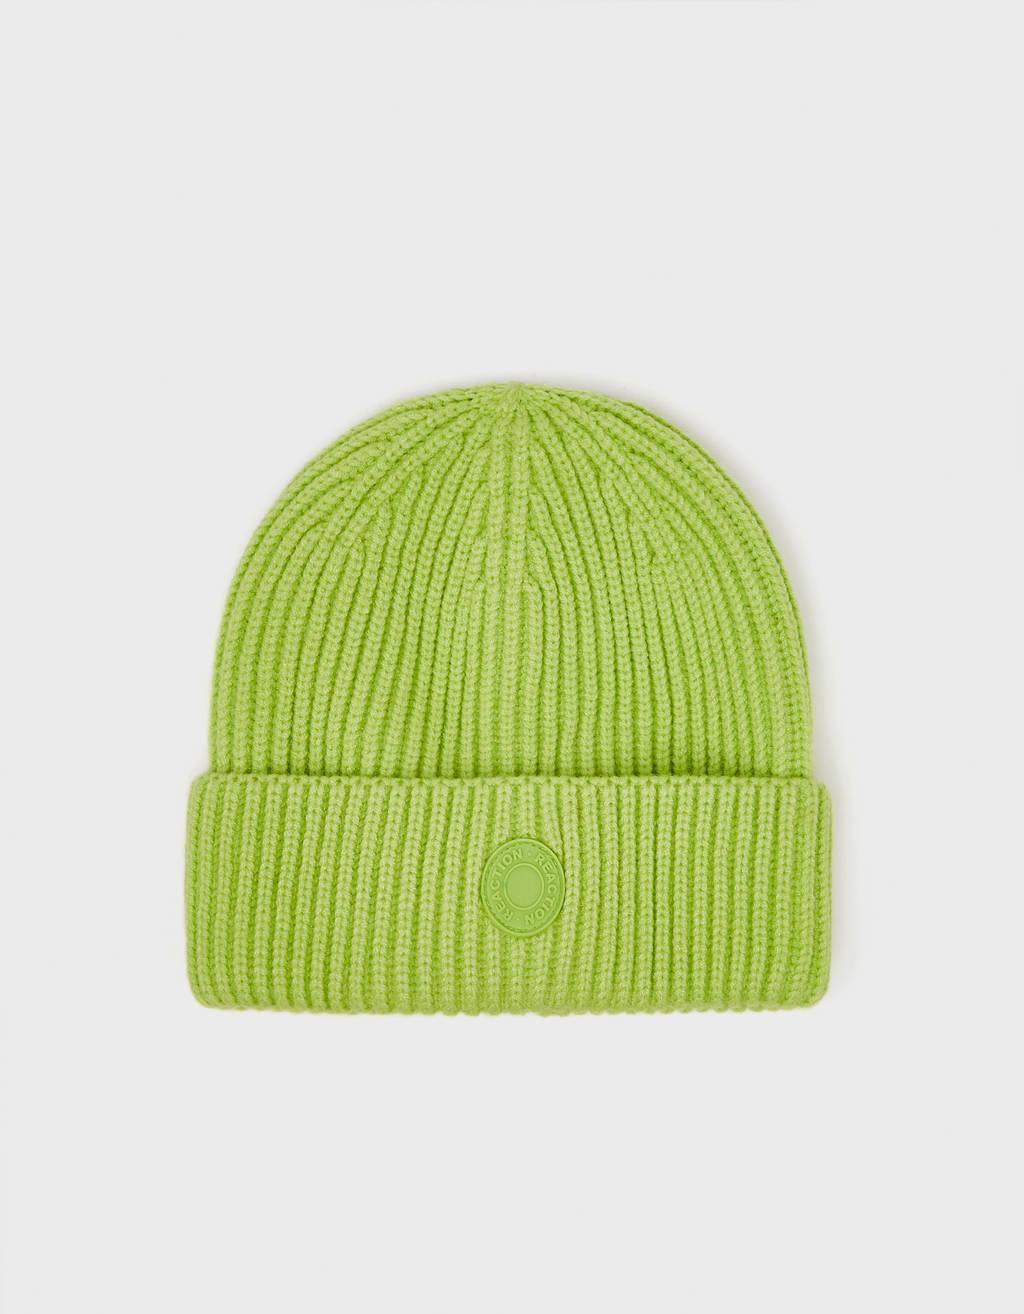 ショートビーニー帽